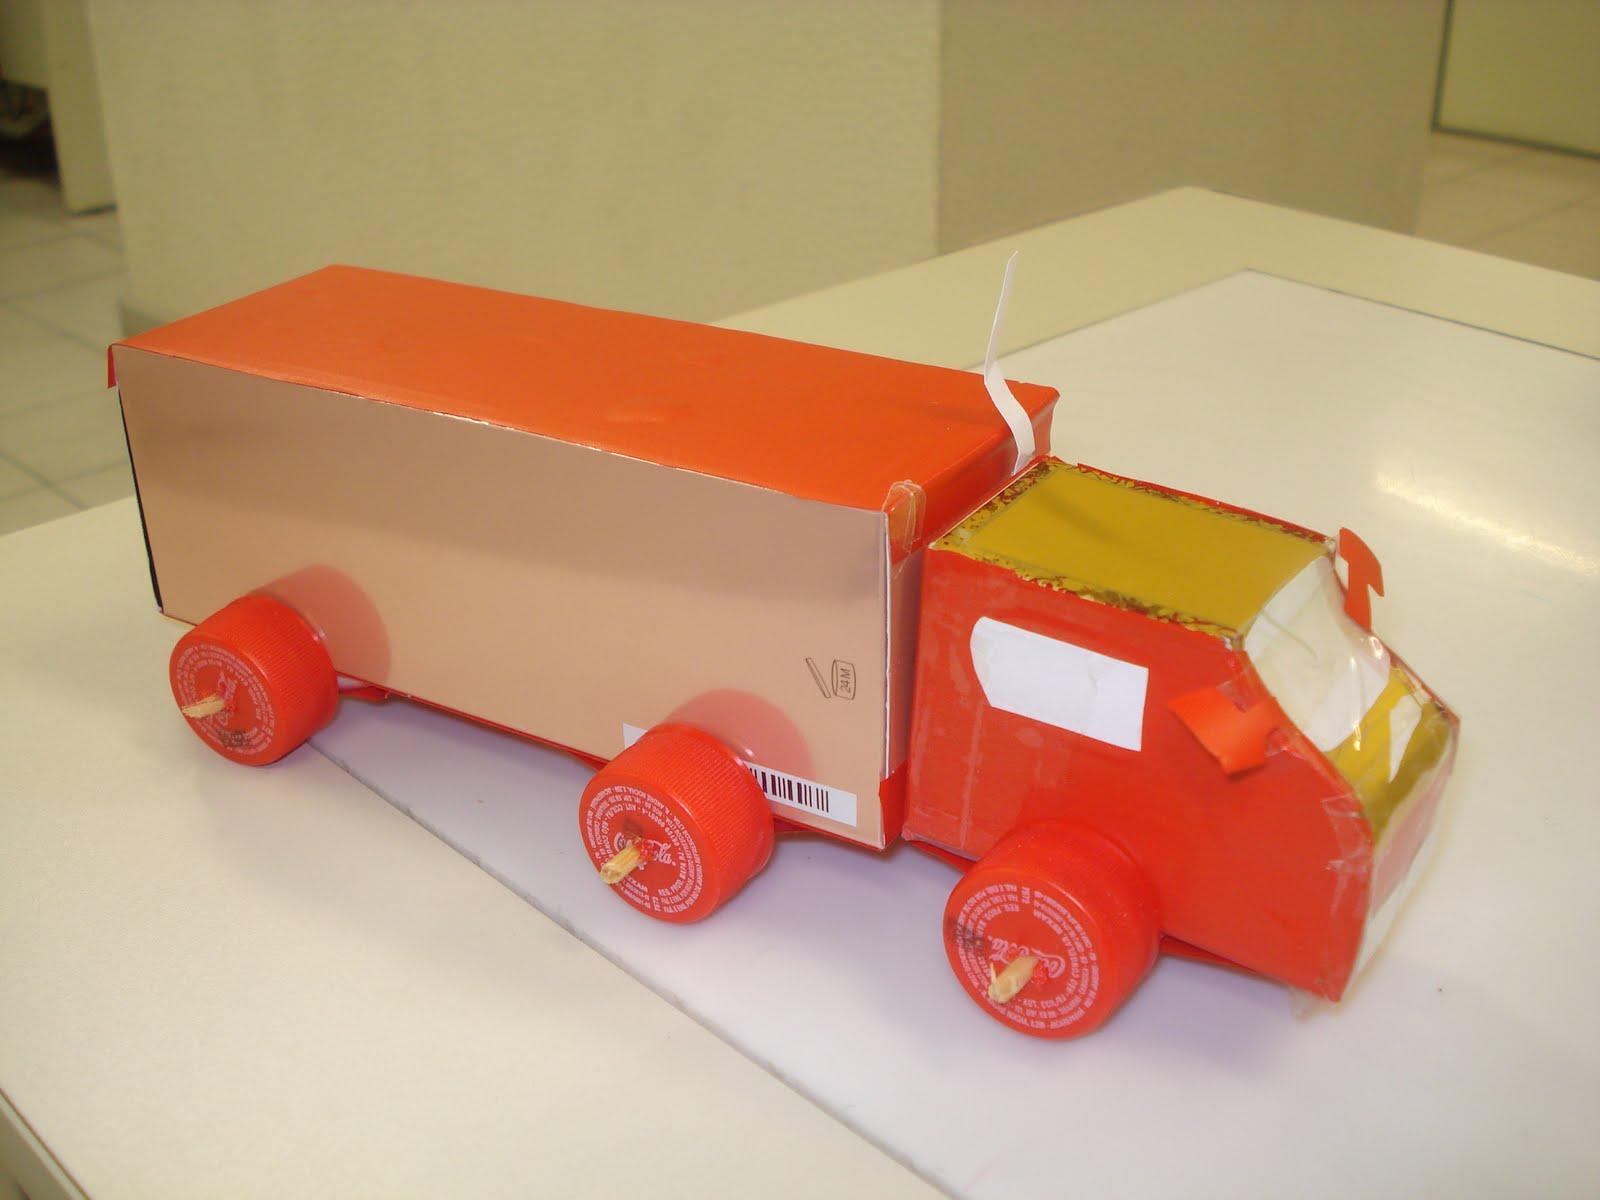 Brinquedos com material reciclado 8